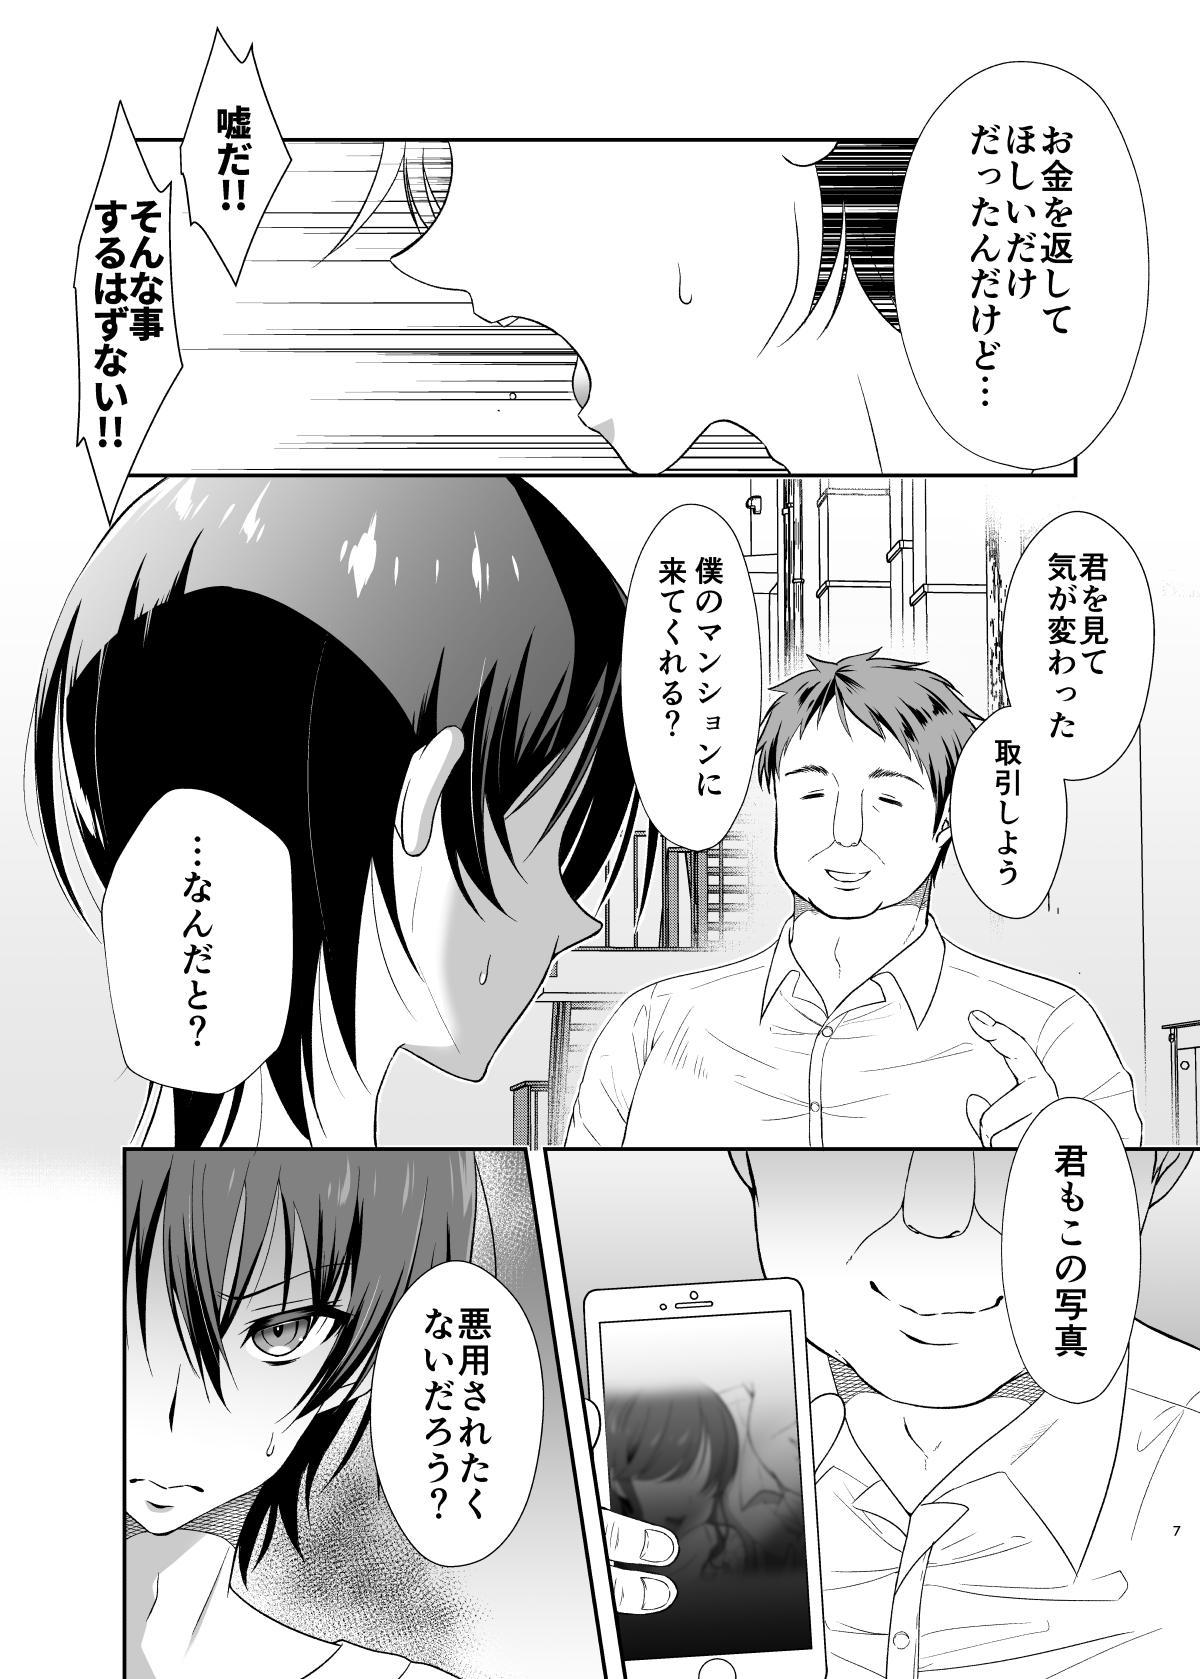 Ane no Kareshi no Furi o Shitetara Oji-san ni Otosareta Ore 5